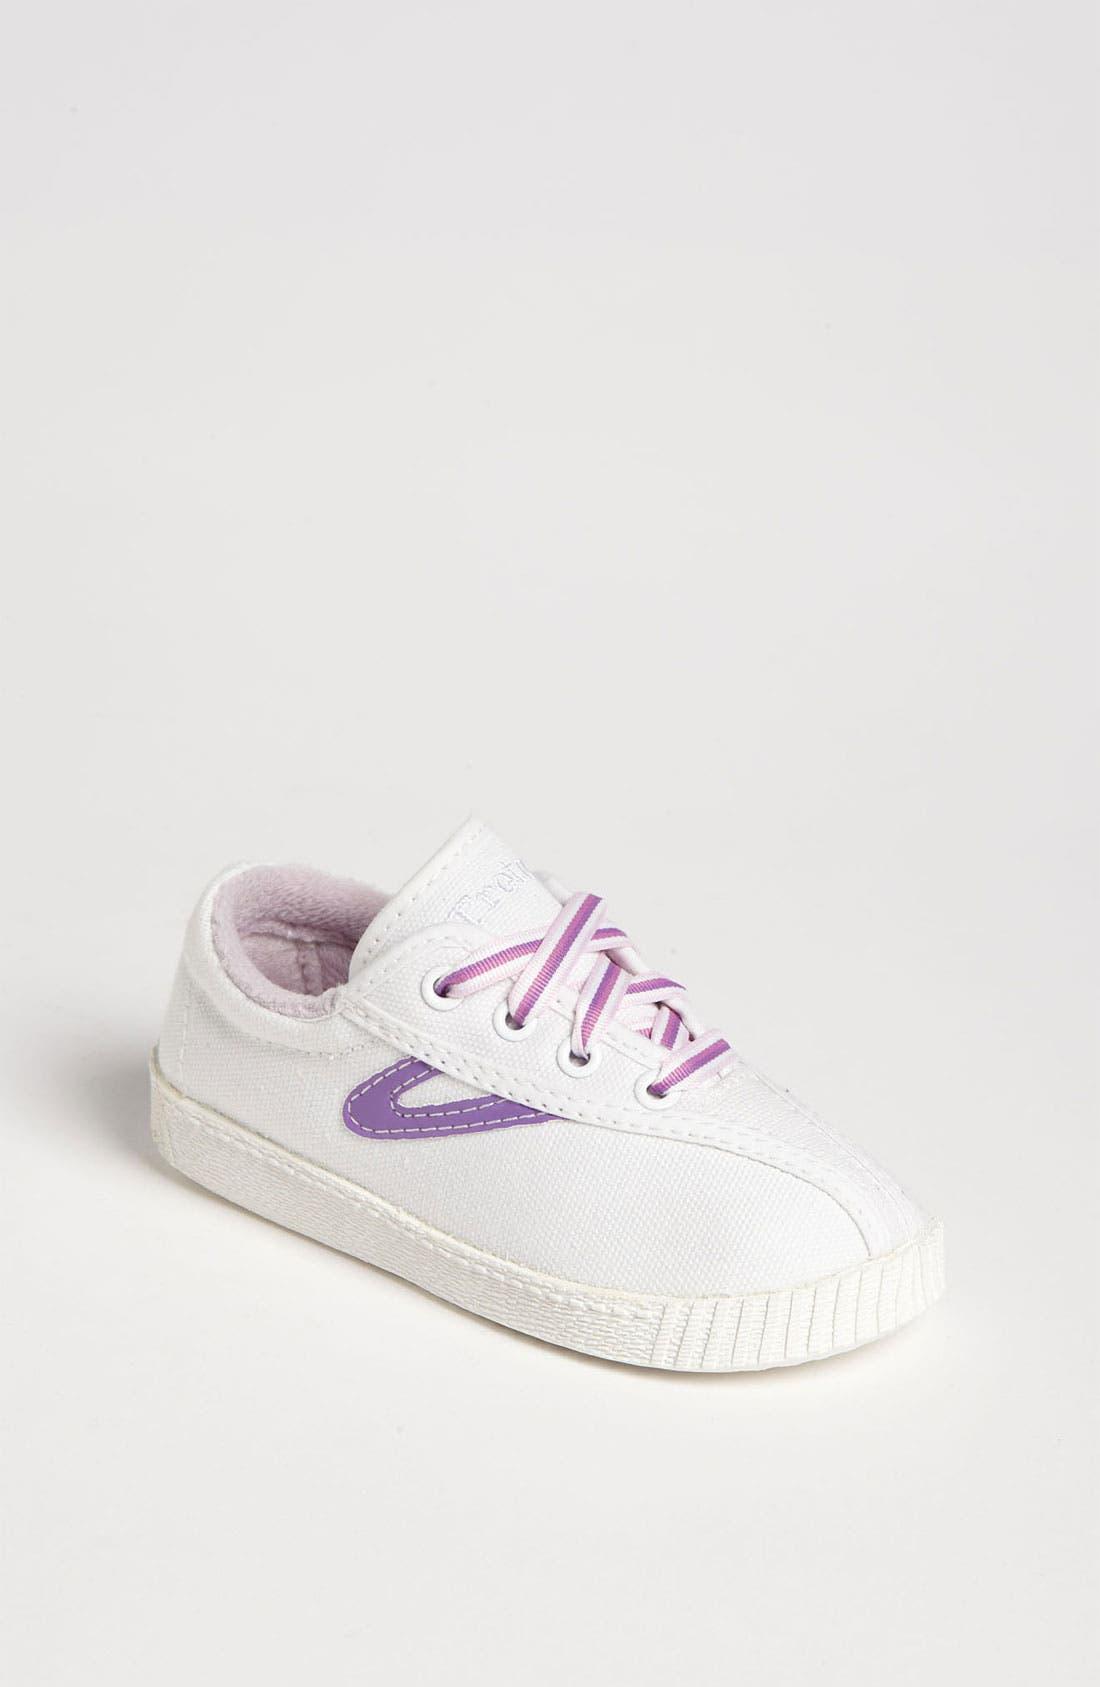 Main Image - Tretorn 'Nylite' Tennis Shoe (Baby, Walker & Toddler)